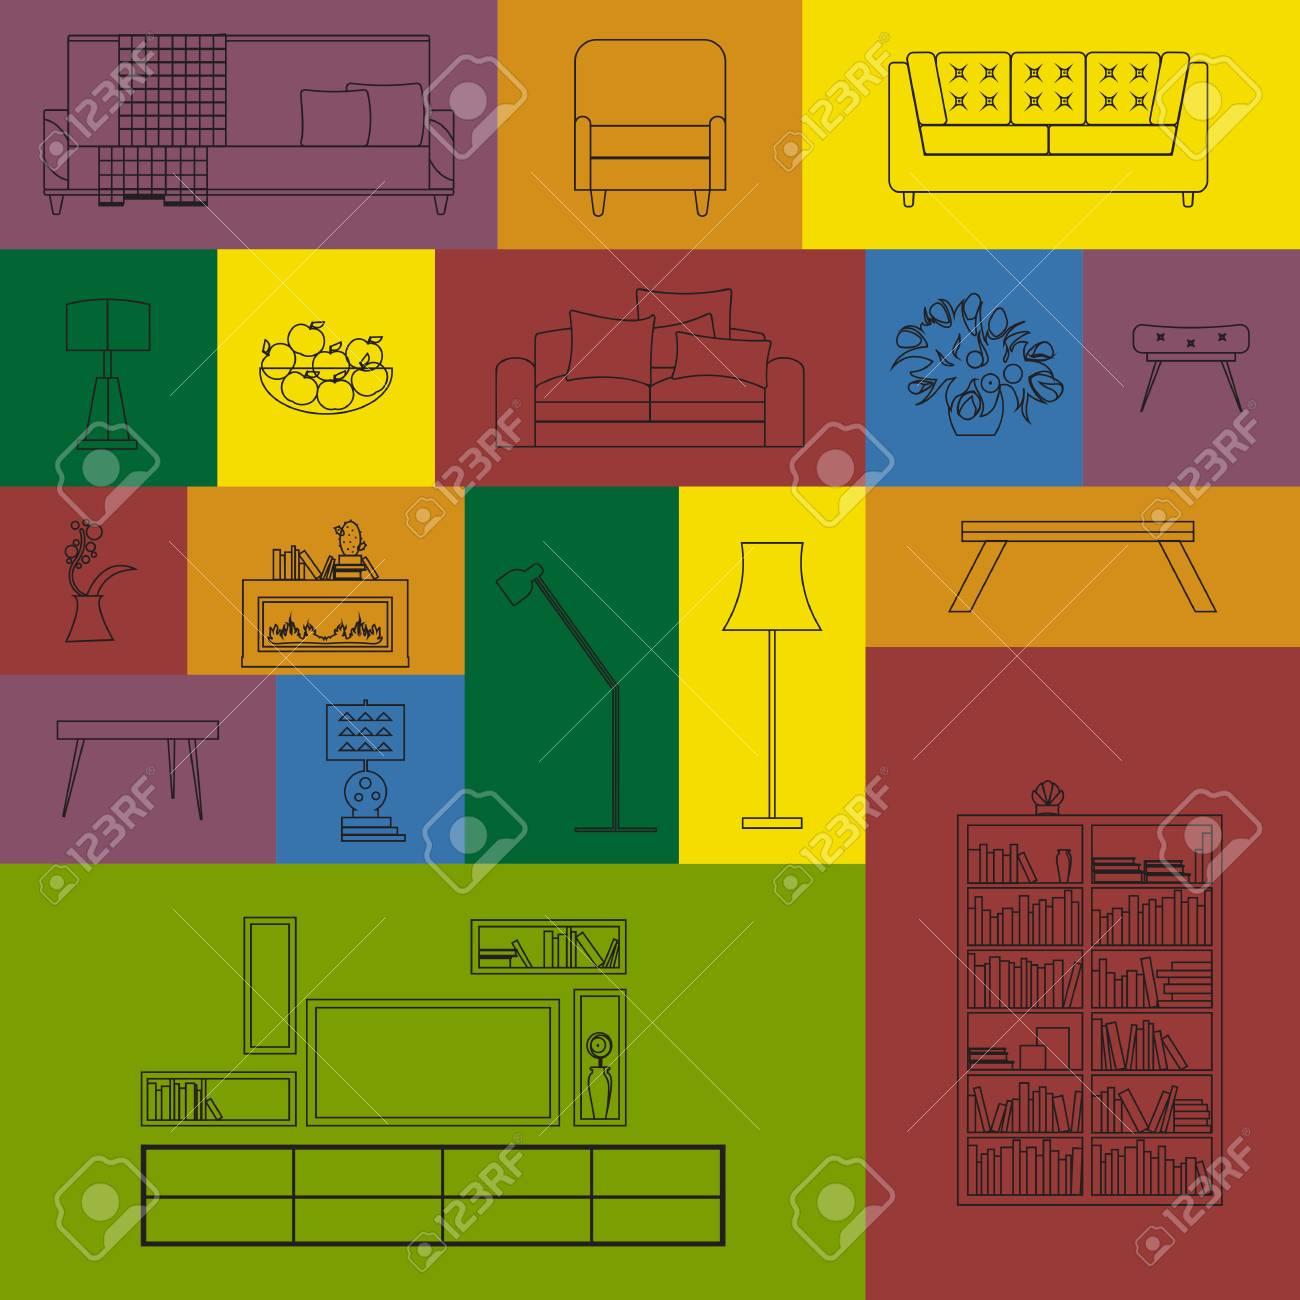 Standard Bild   Vector Sammlung Moderner Umriss Möbel Icon Set. Satz Von  Möbel Design Elemente. Skizzieren Möbel Set. Möbel Set Für Wohnzimmer.